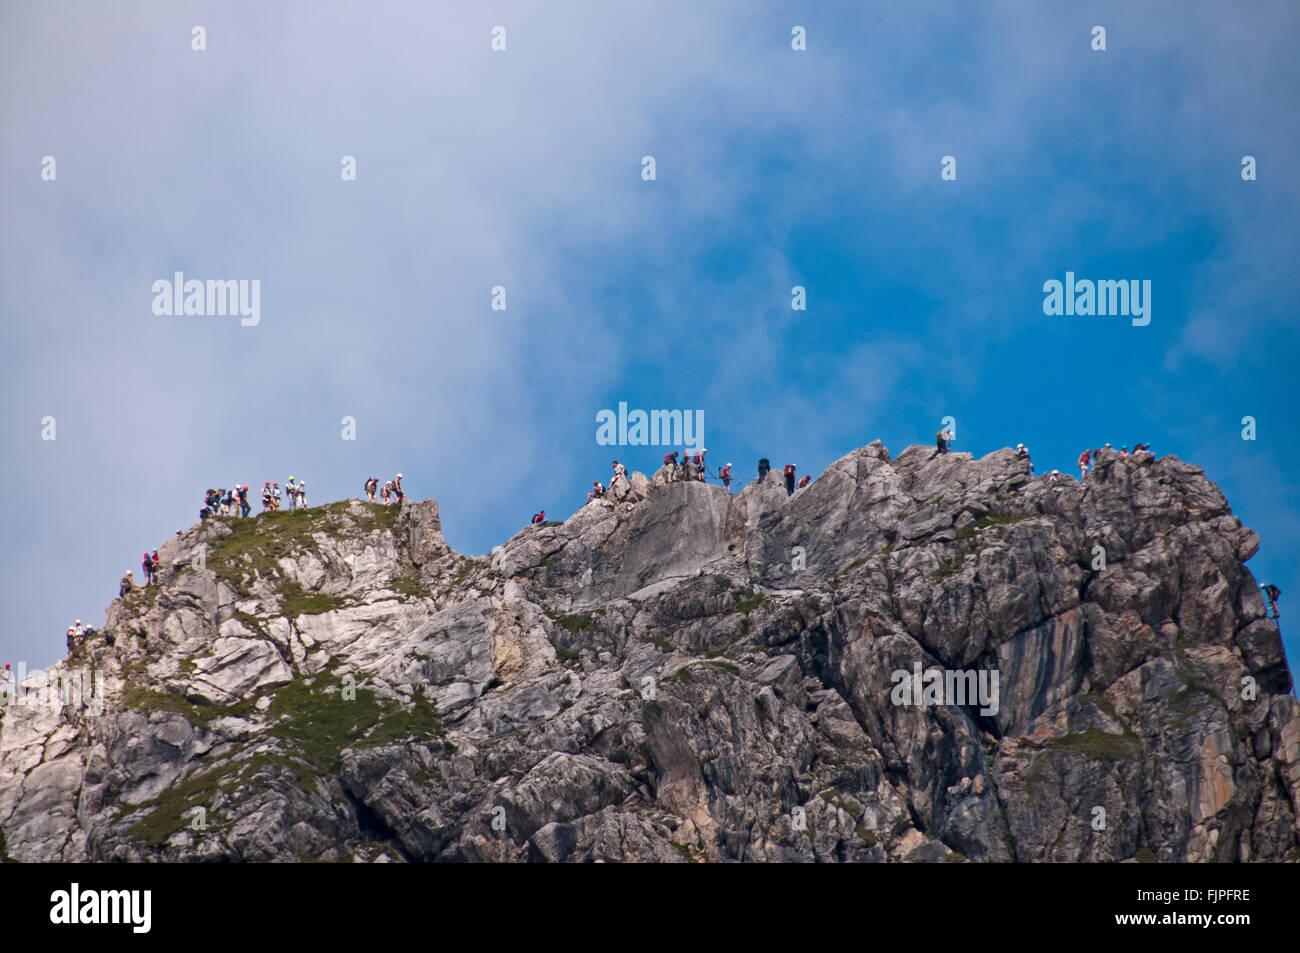 Klettersteig Hindelang : Geographie reisen deutschland bayern landschaften kletterer in